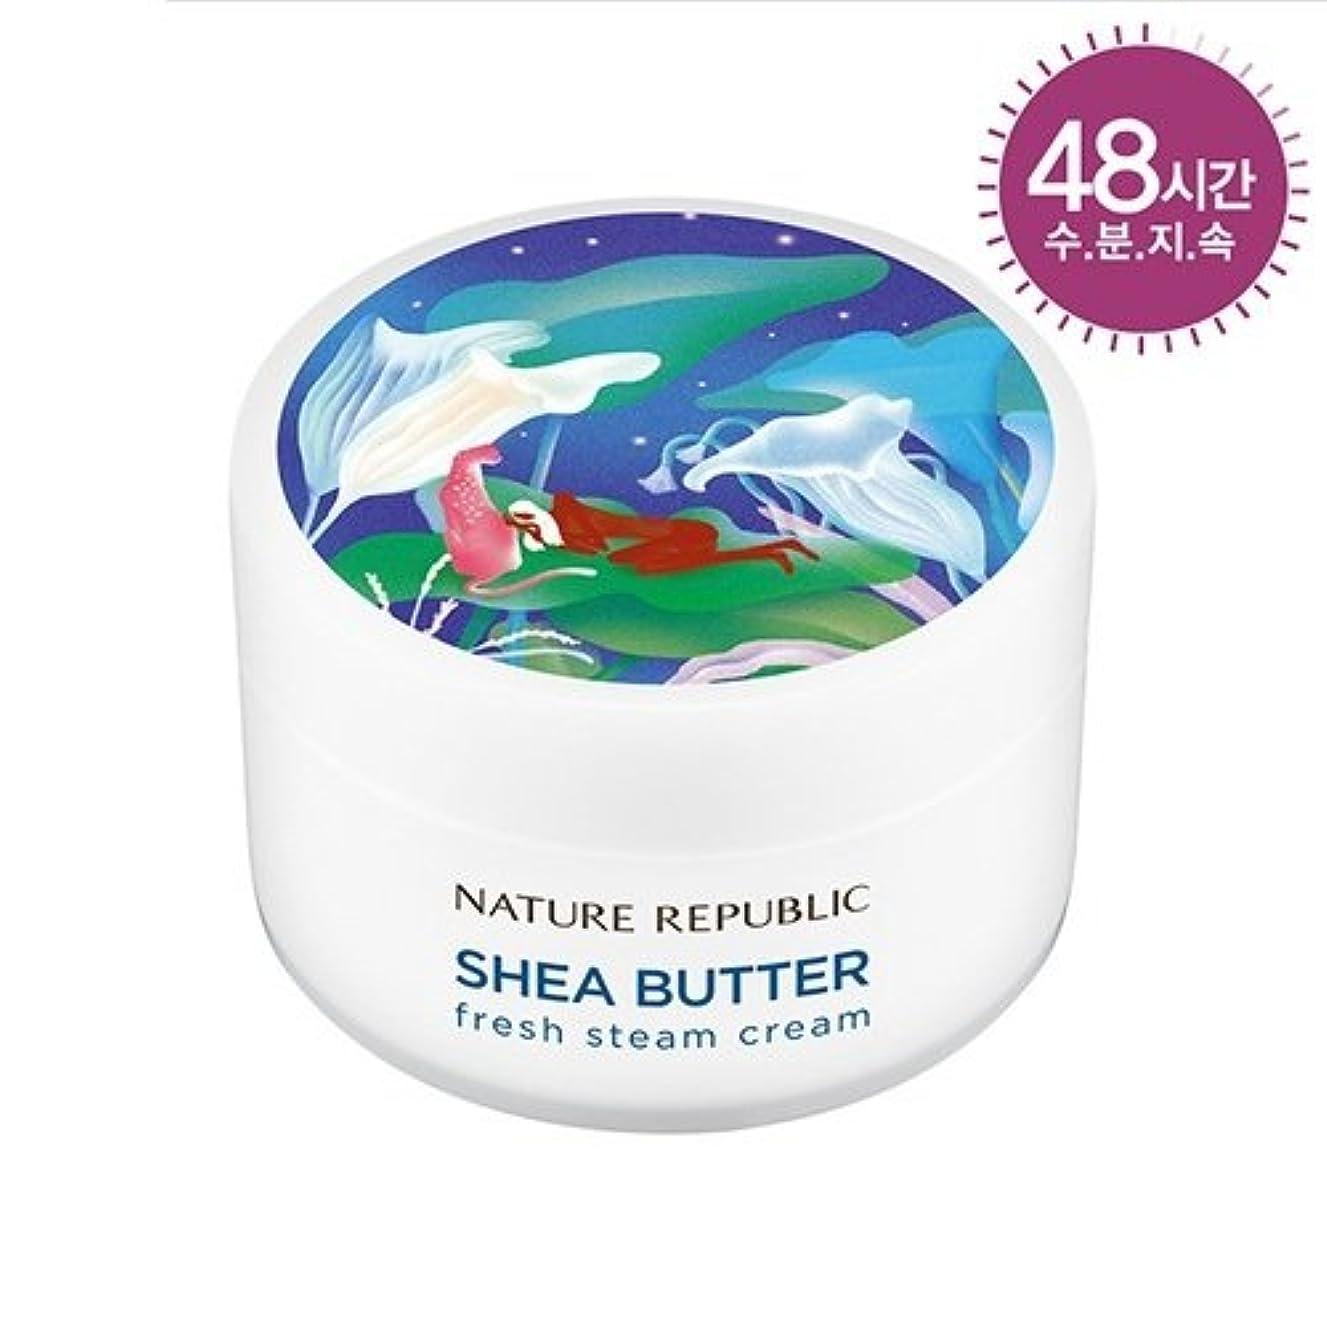 上に築きます回転する著作権NATURE REPUBLIC(ネイチャーリパブリック) SHEA BUTTER STEAM CREAM シアバター スチーム クリーム #フレッシュスオイリー肌